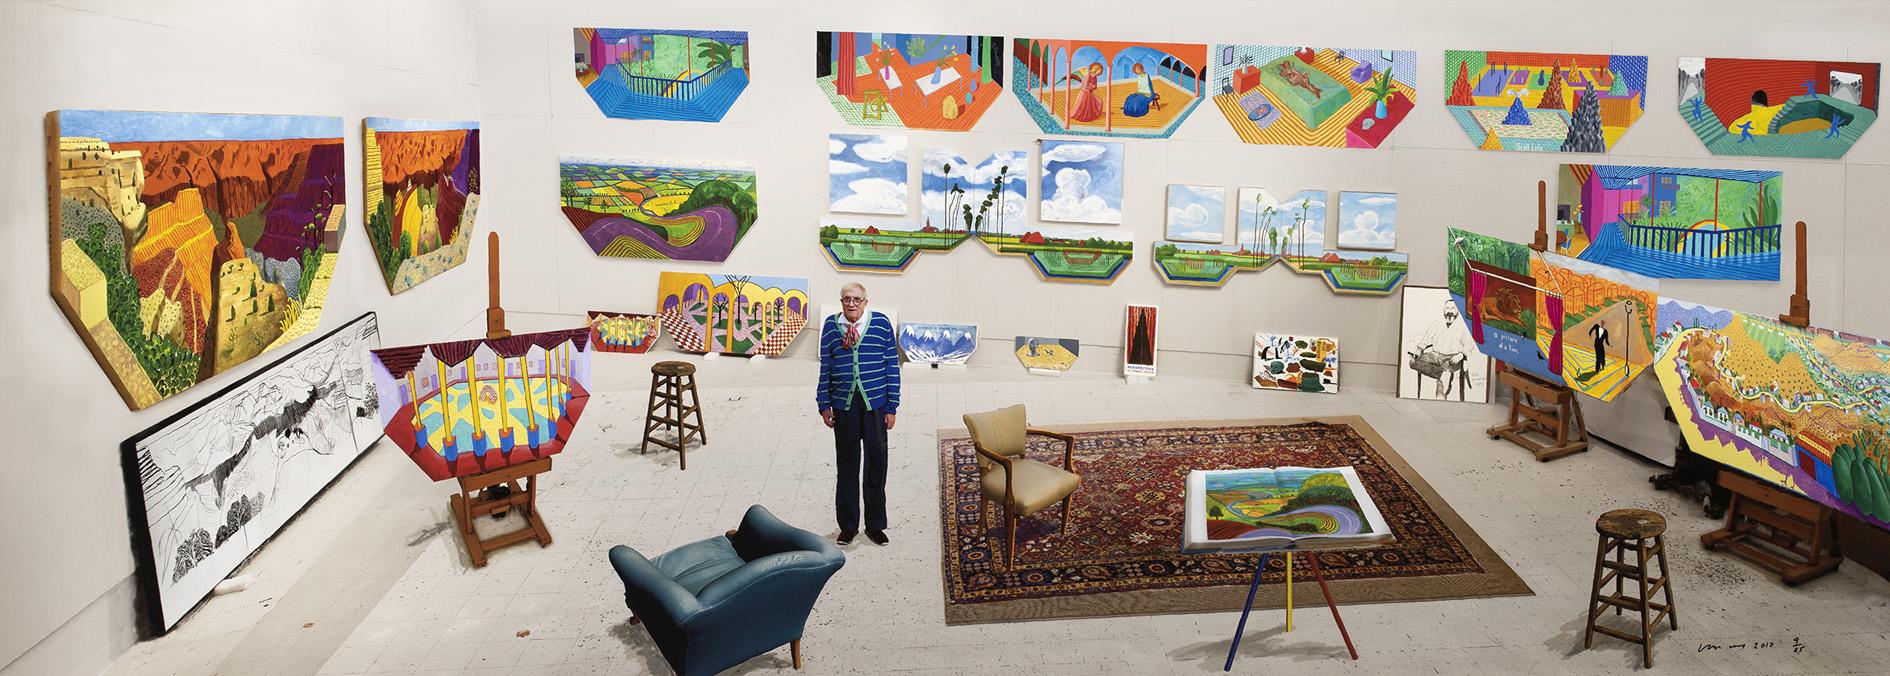 David Hockney, In the Studio, December 2017, 2017.jpg